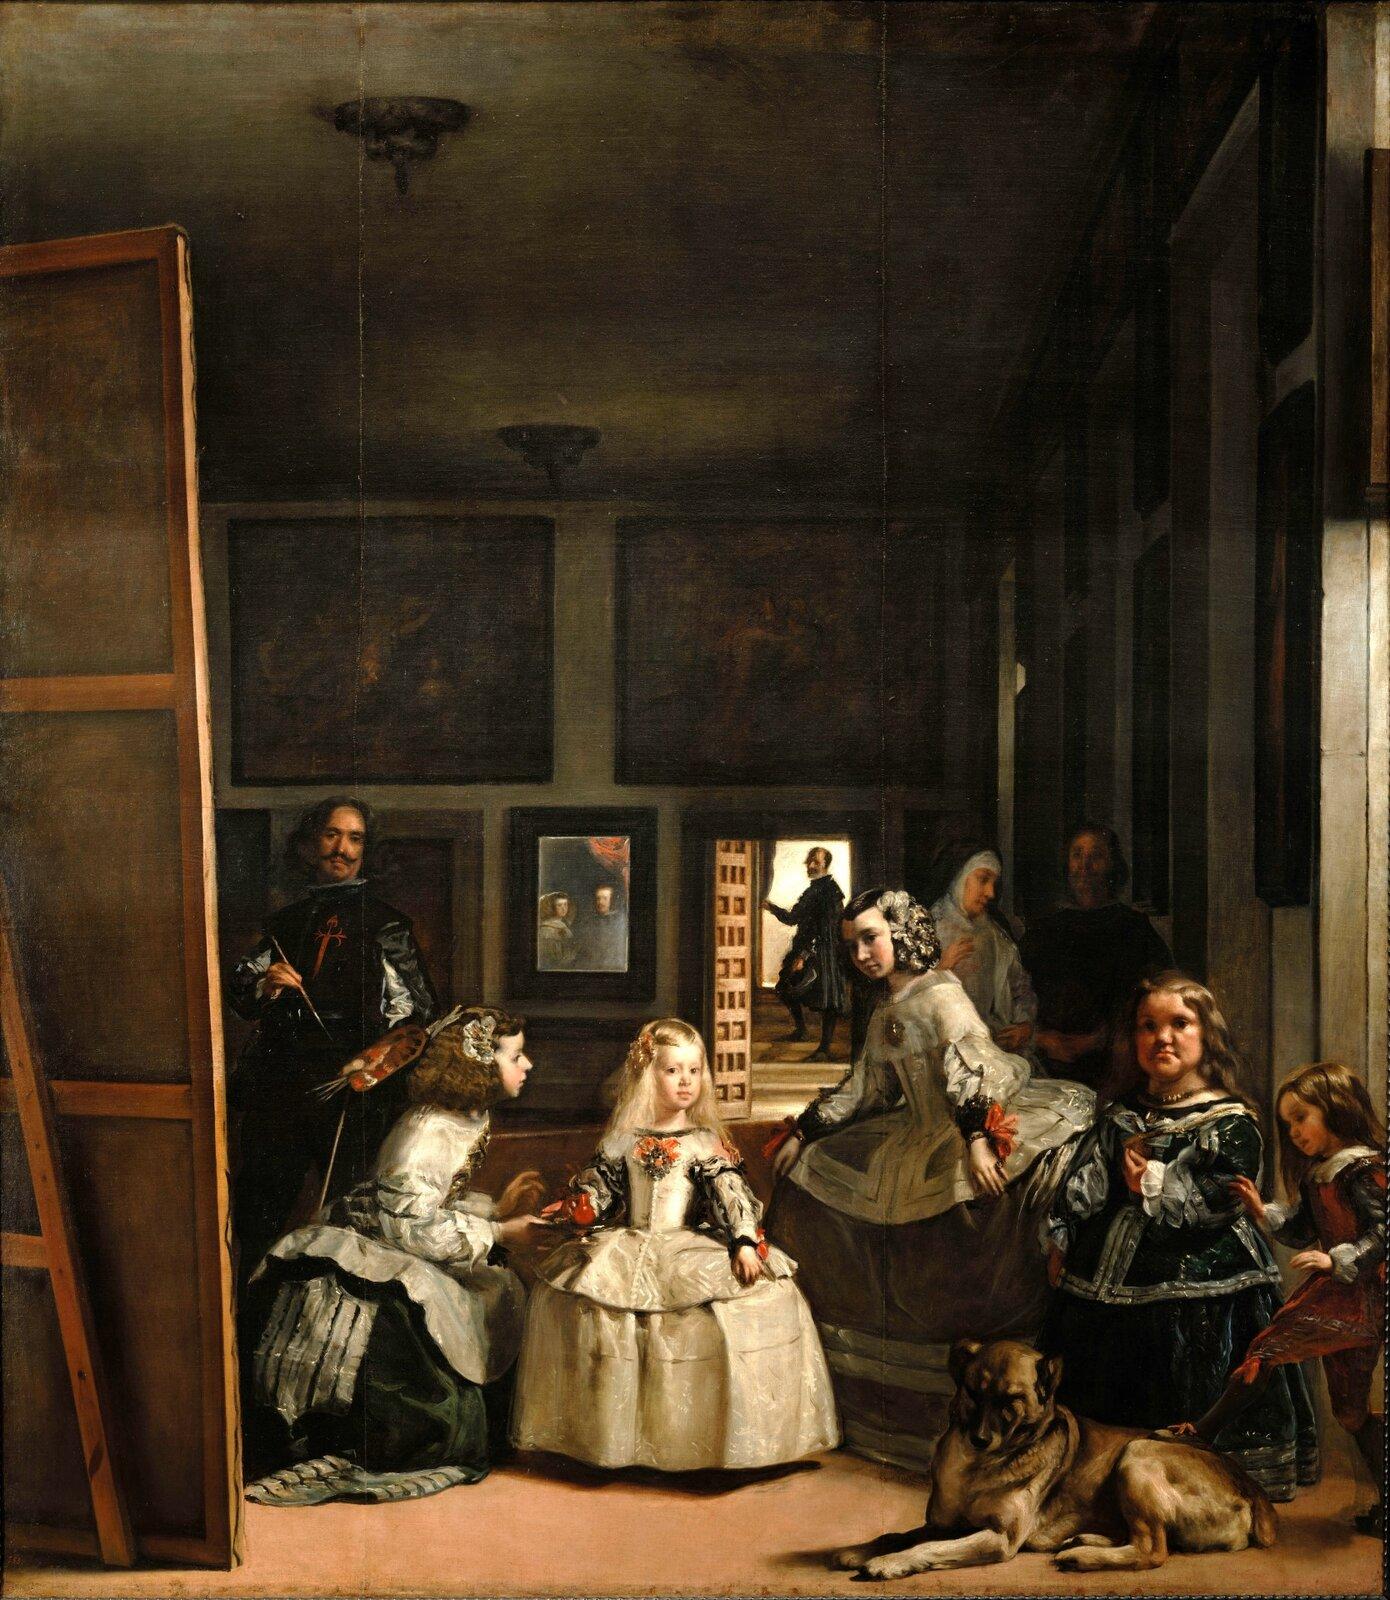 """Odpowiedz na pytanie. Kto znajduje się wcentrum obrazu """"Las Meninas"""" Velázqueza?"""